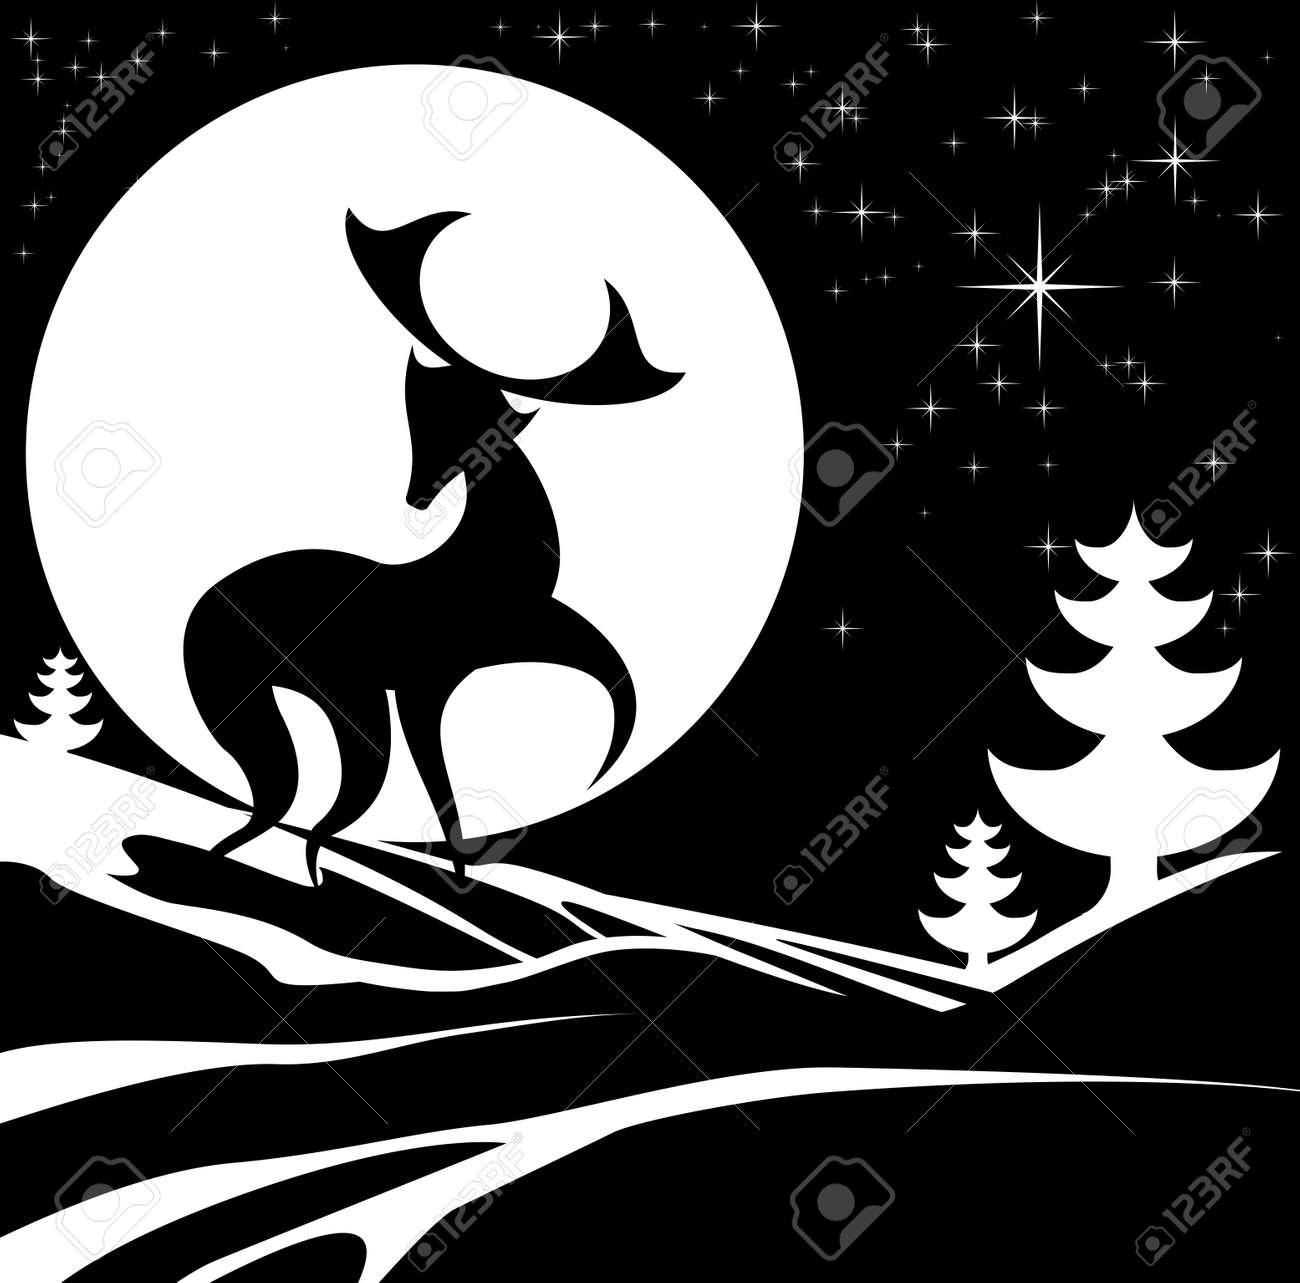 Dessin Monochrome Noir Et Blanc D Une Scène D Hiver De Noël Avec Un Cerf Cerf Mâle Stylisée Et La Pleine Lune Dans La Neige Avec Des Arbres De Noël